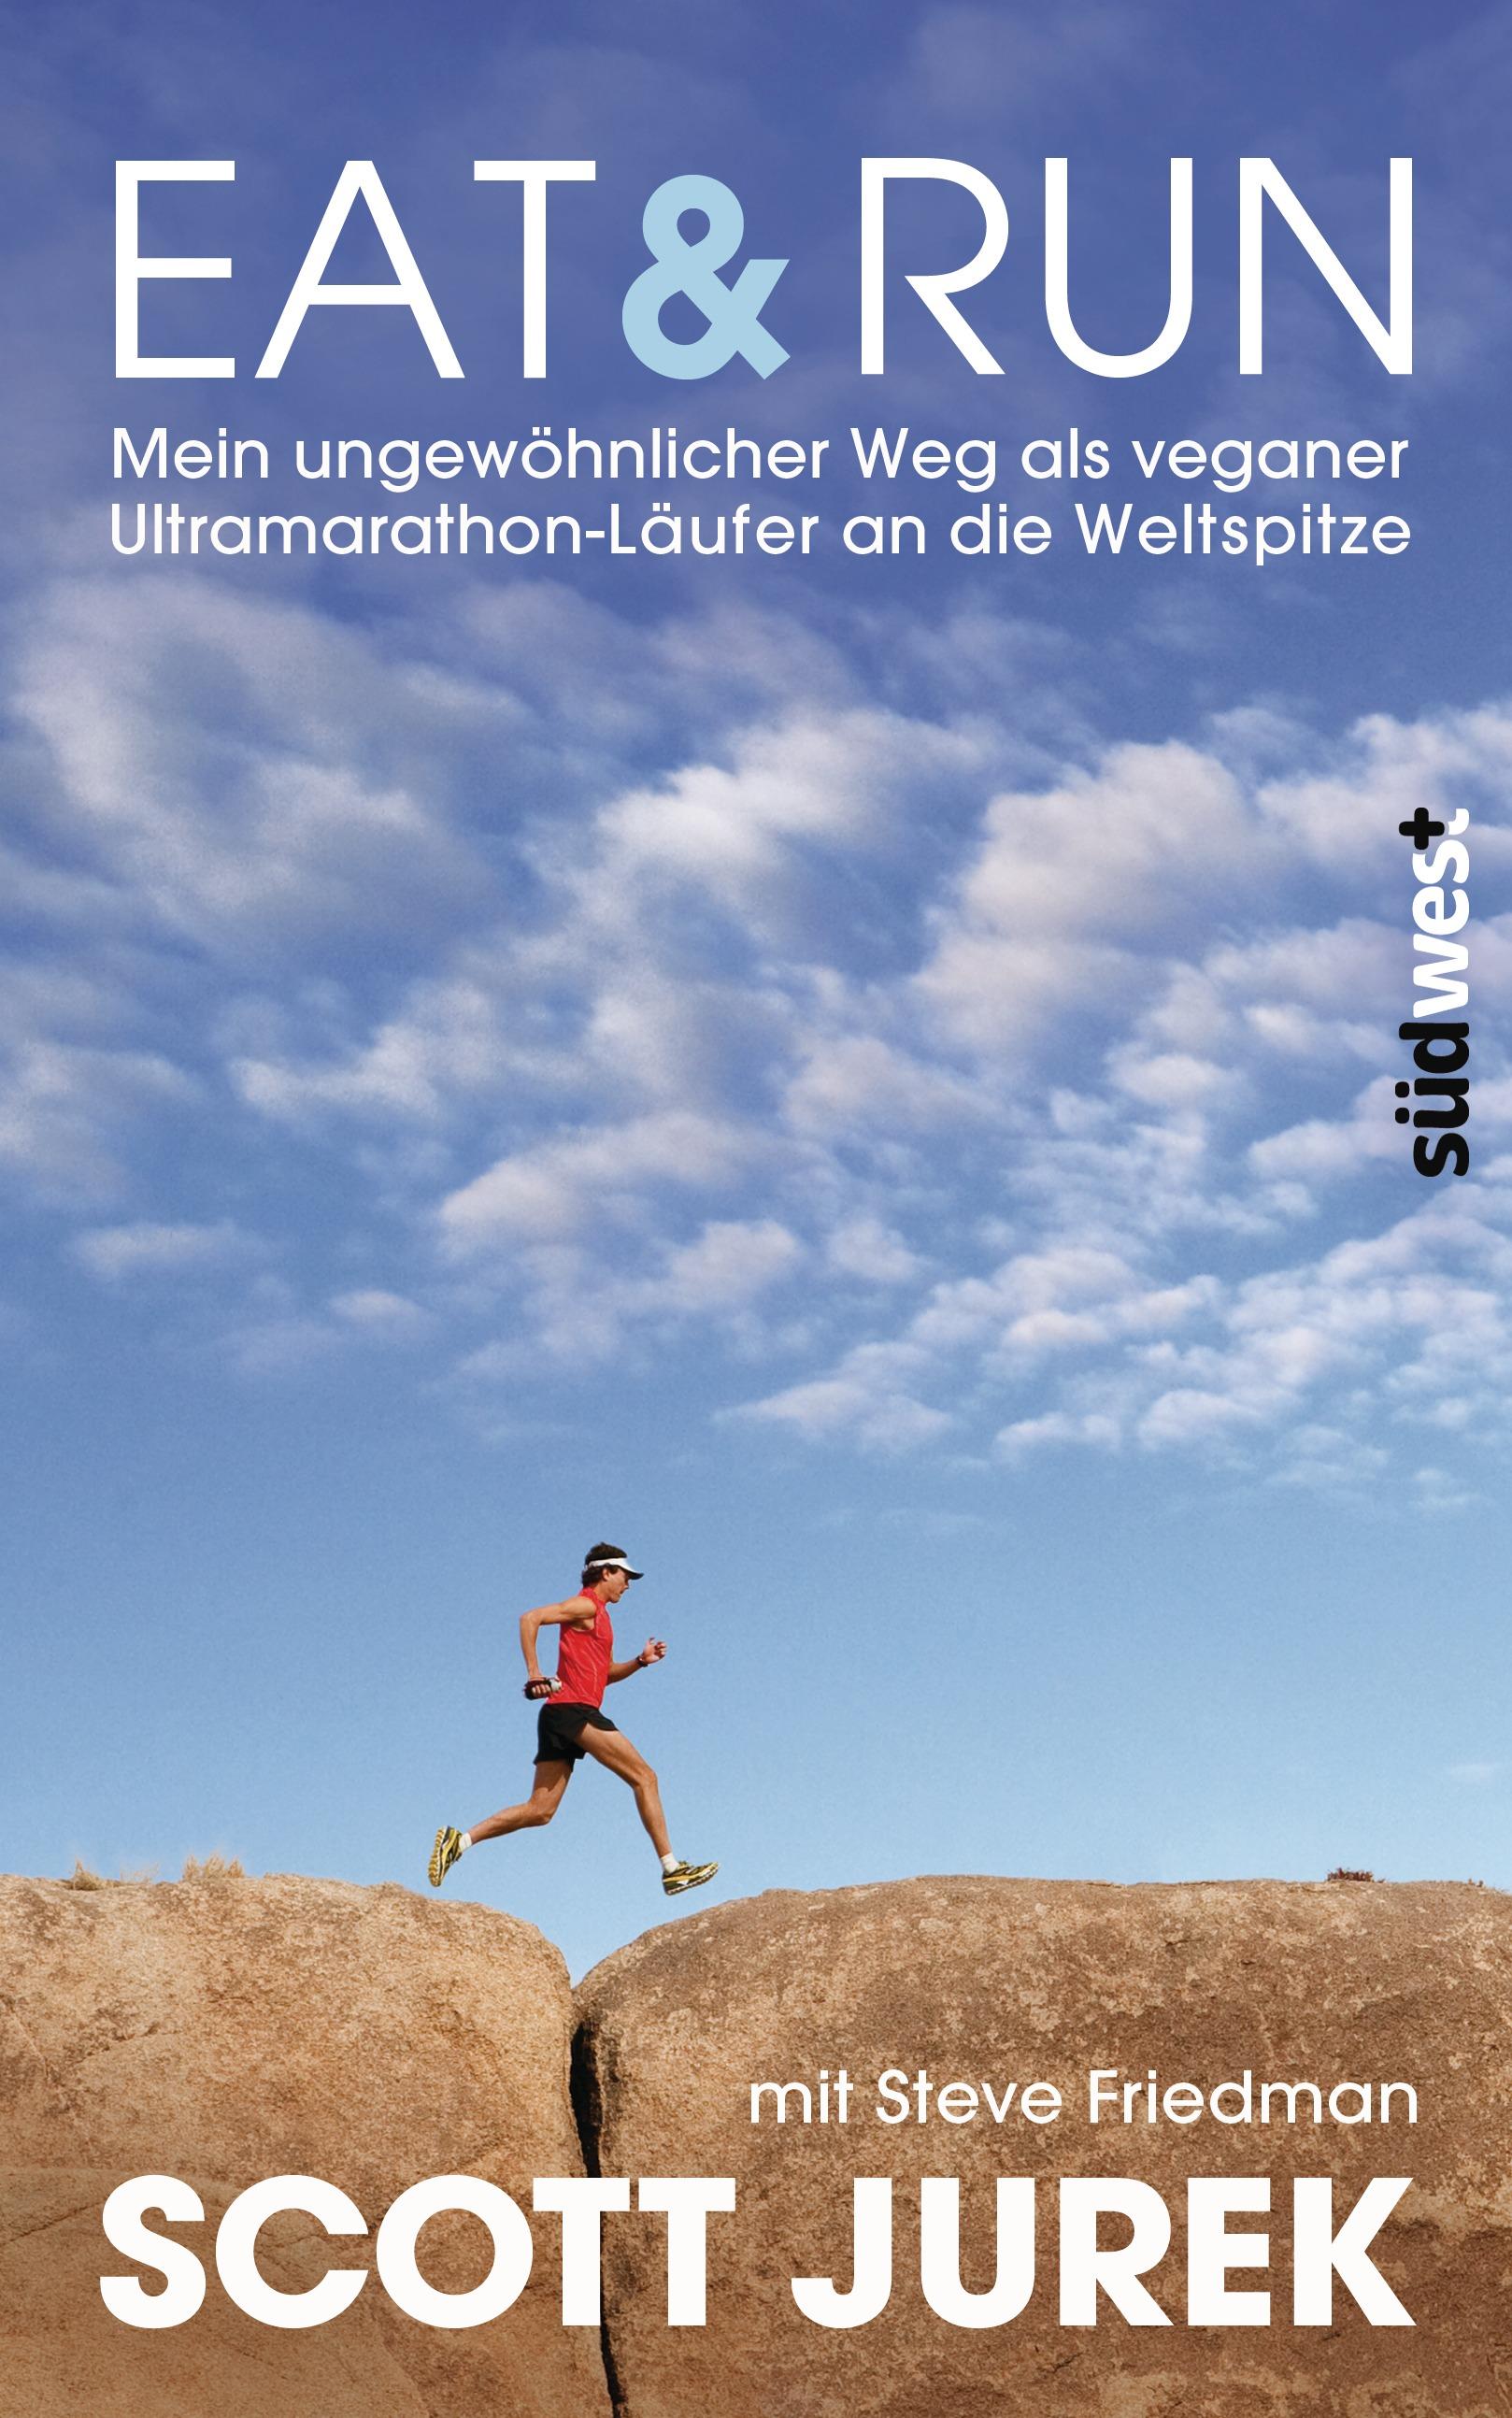 Eat Run von Scott Jurek